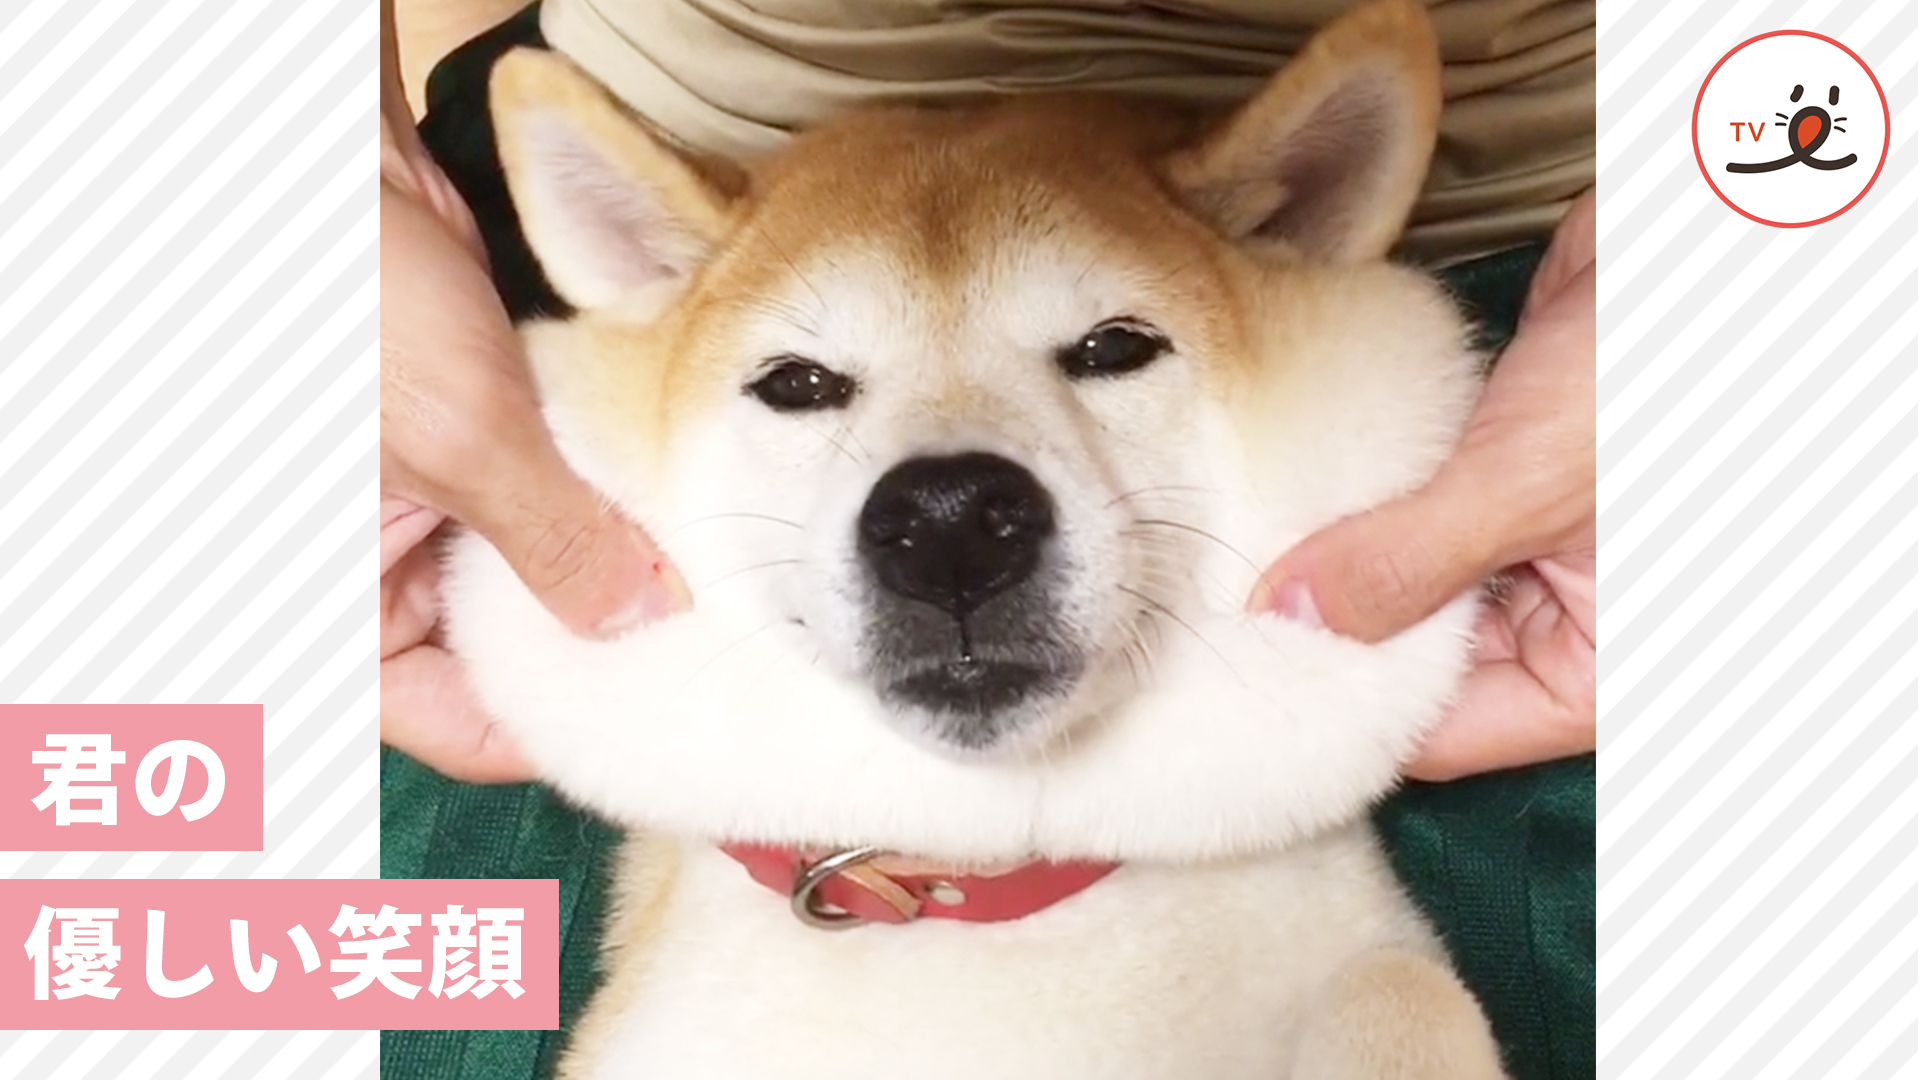 元保護犬おさめちゃんが笑顔を取り戻すための物語♡